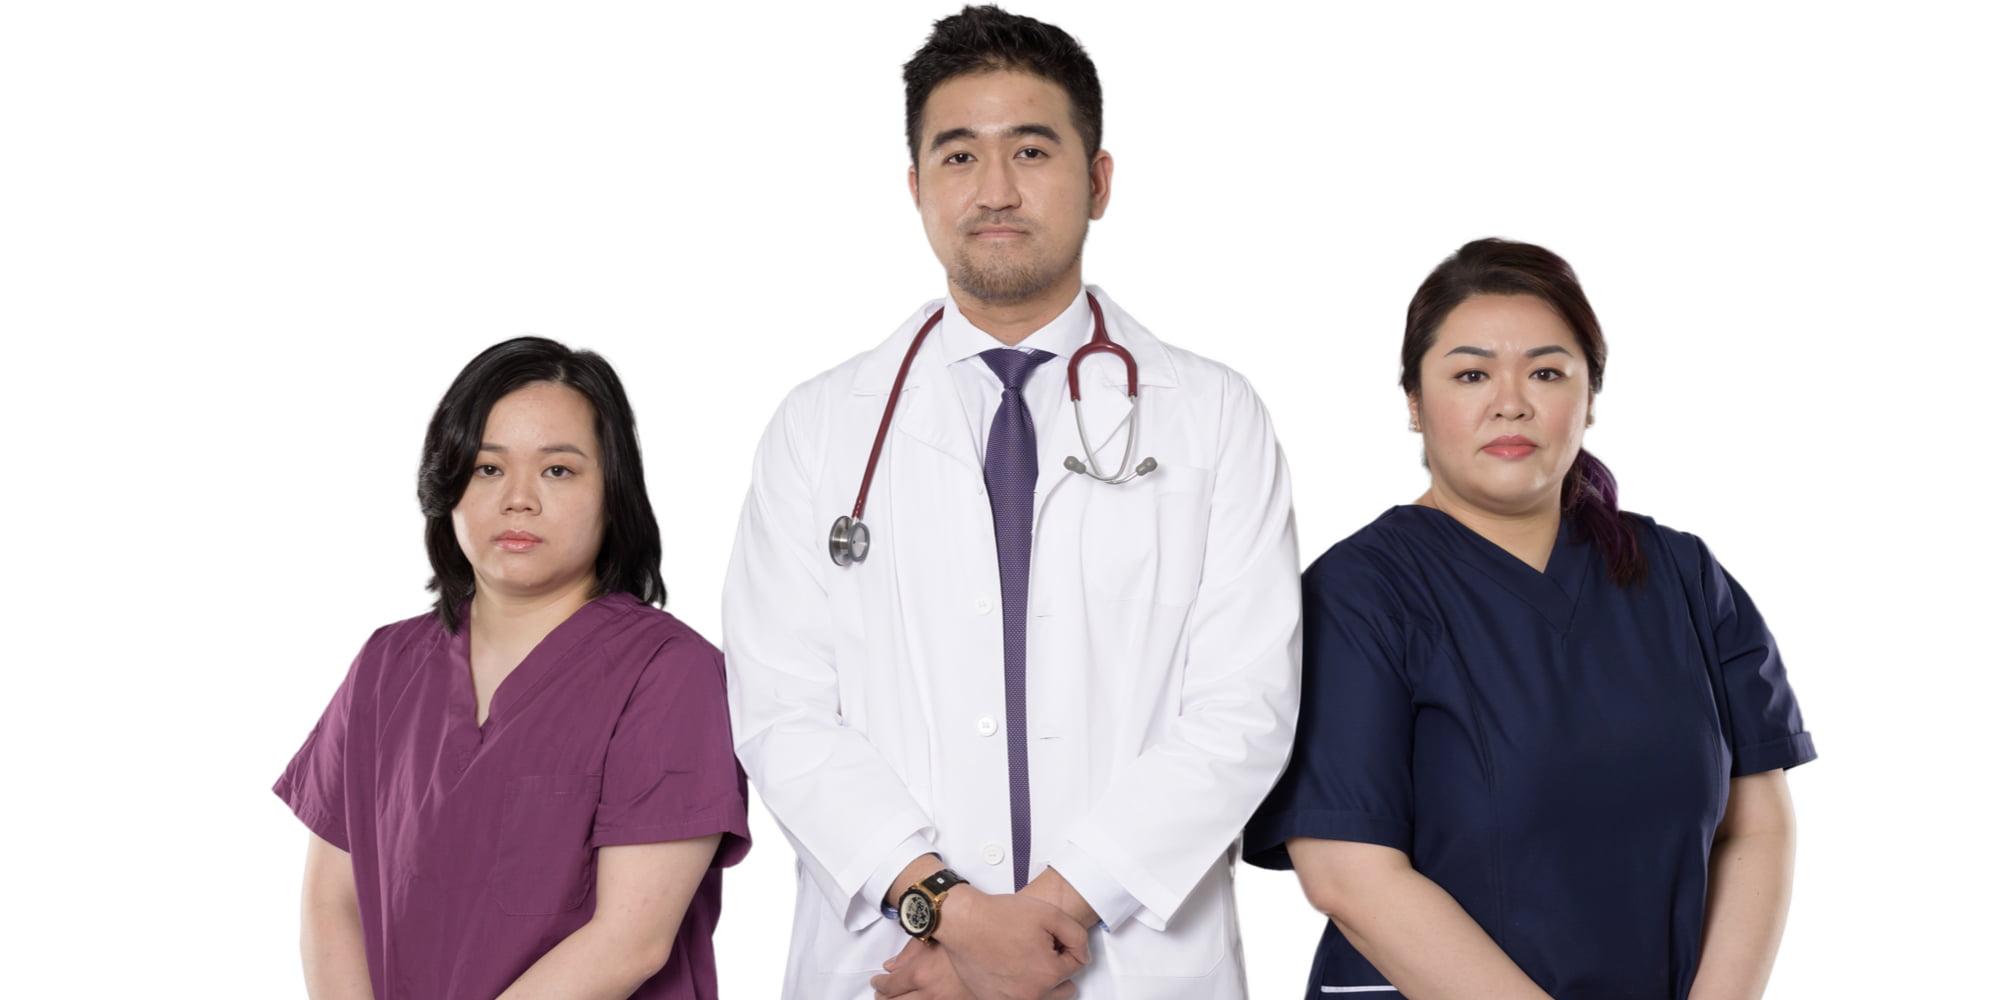 Medix Medical Expertise